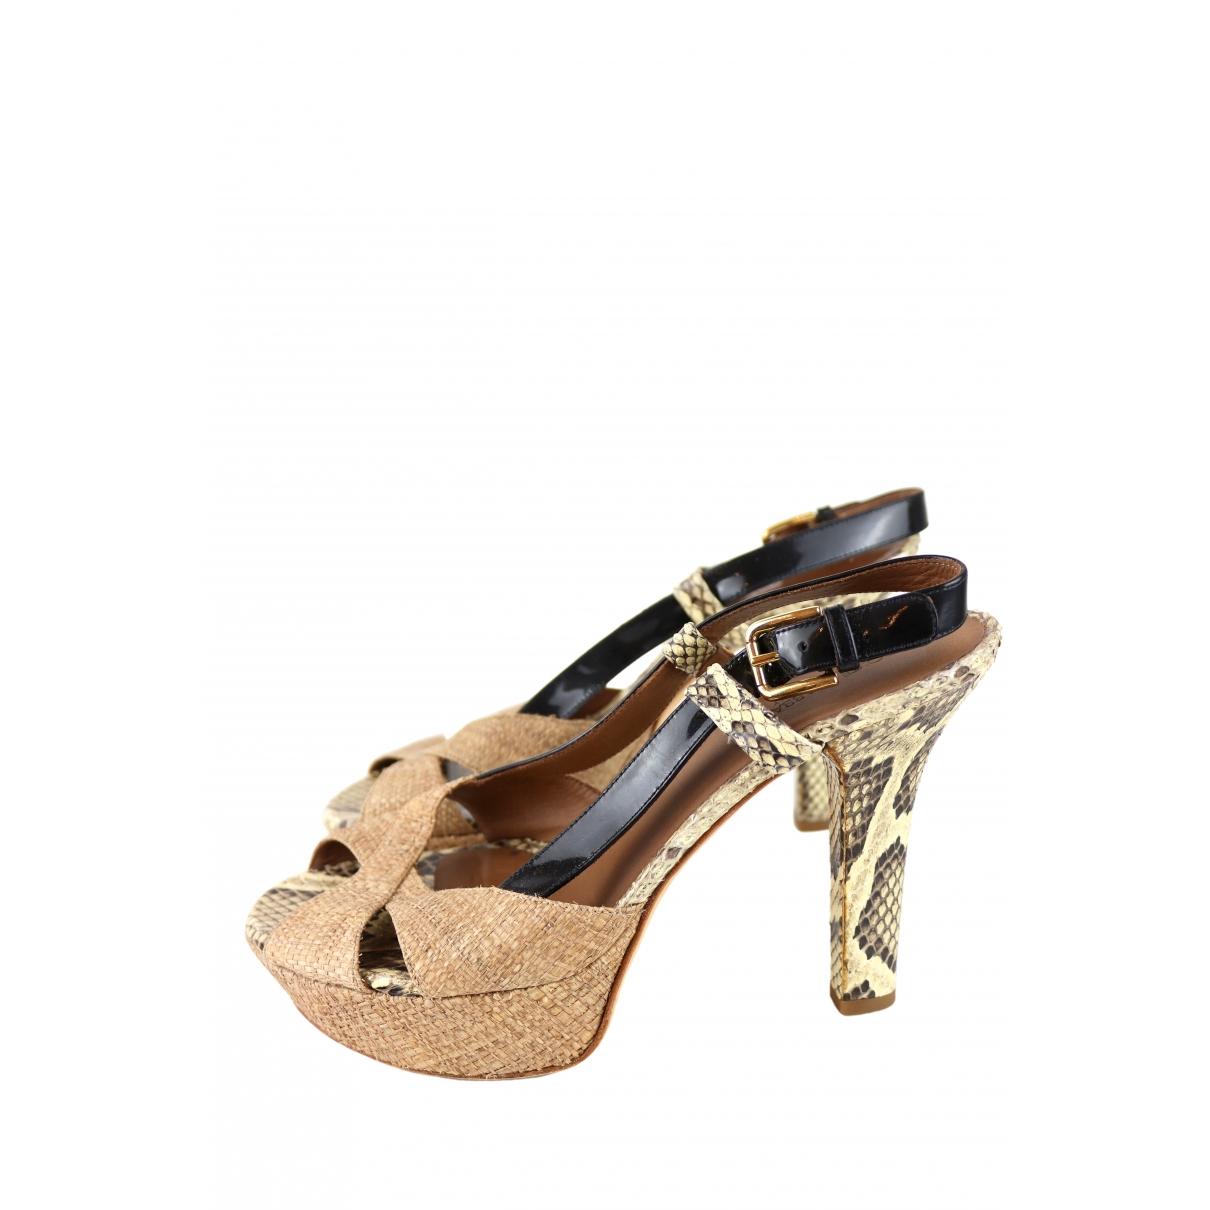 Dolce & Gabbana - Sandales   pour femme en python - marron